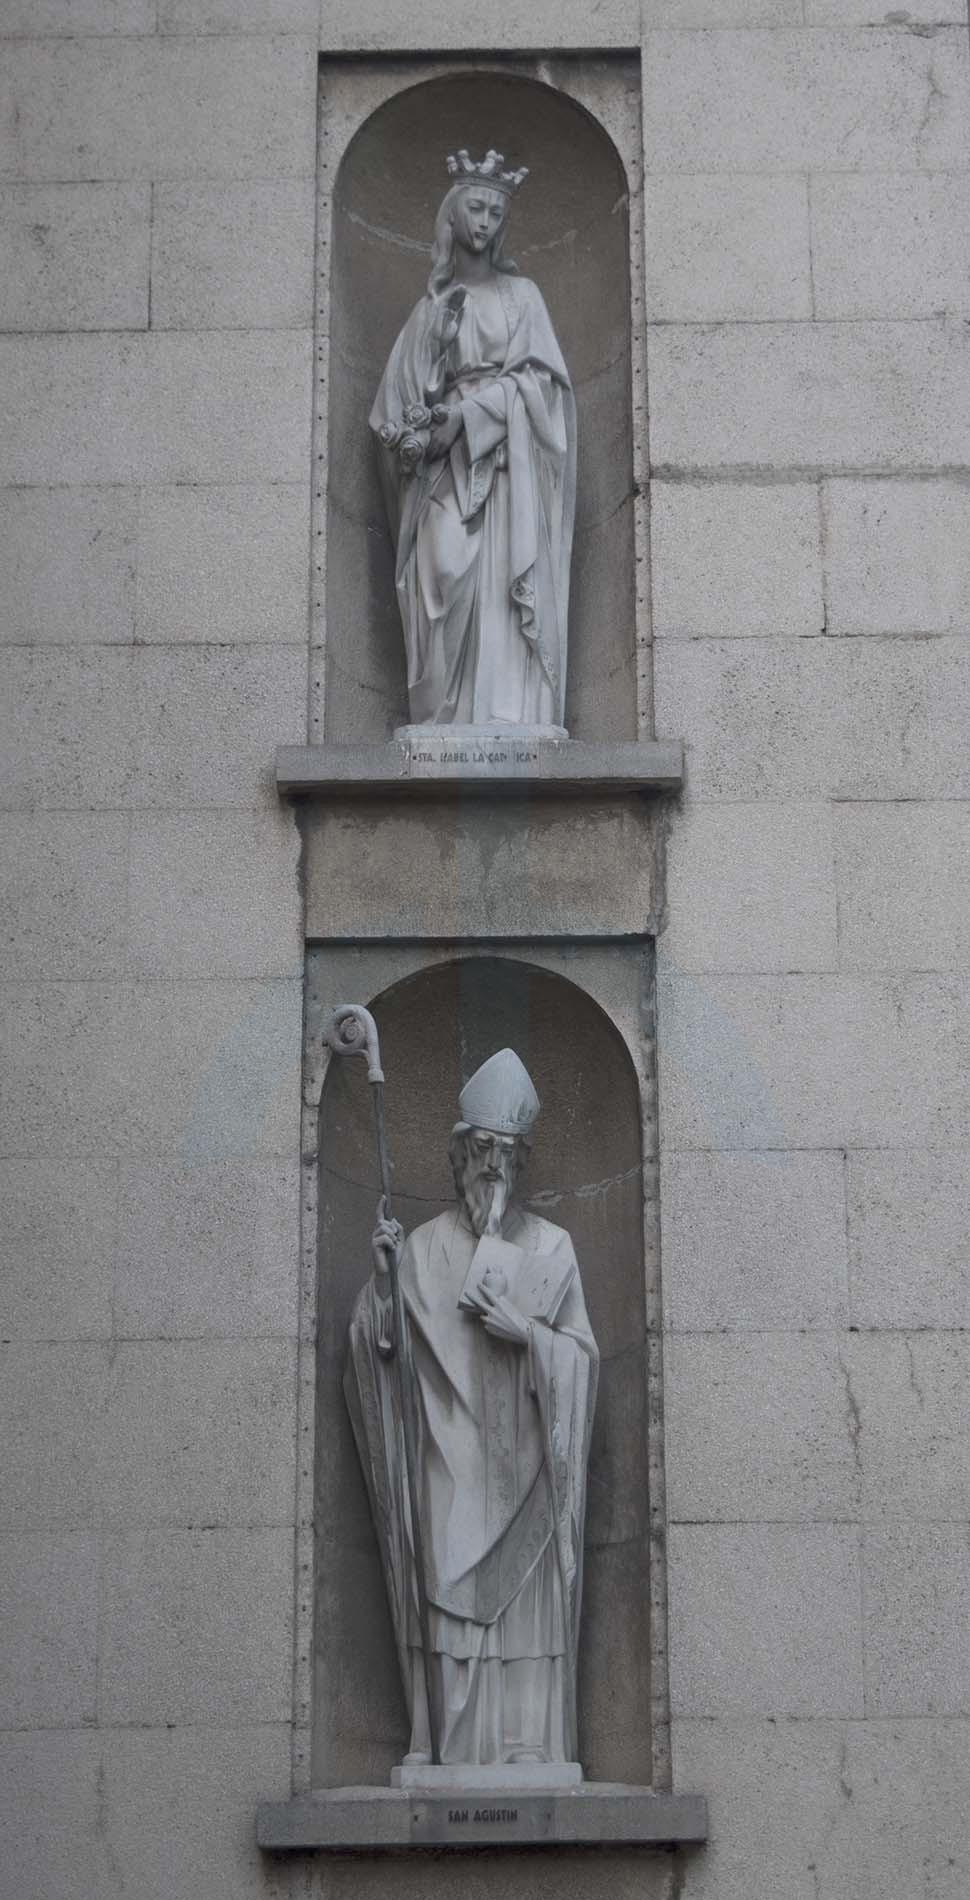 San Agustin 04